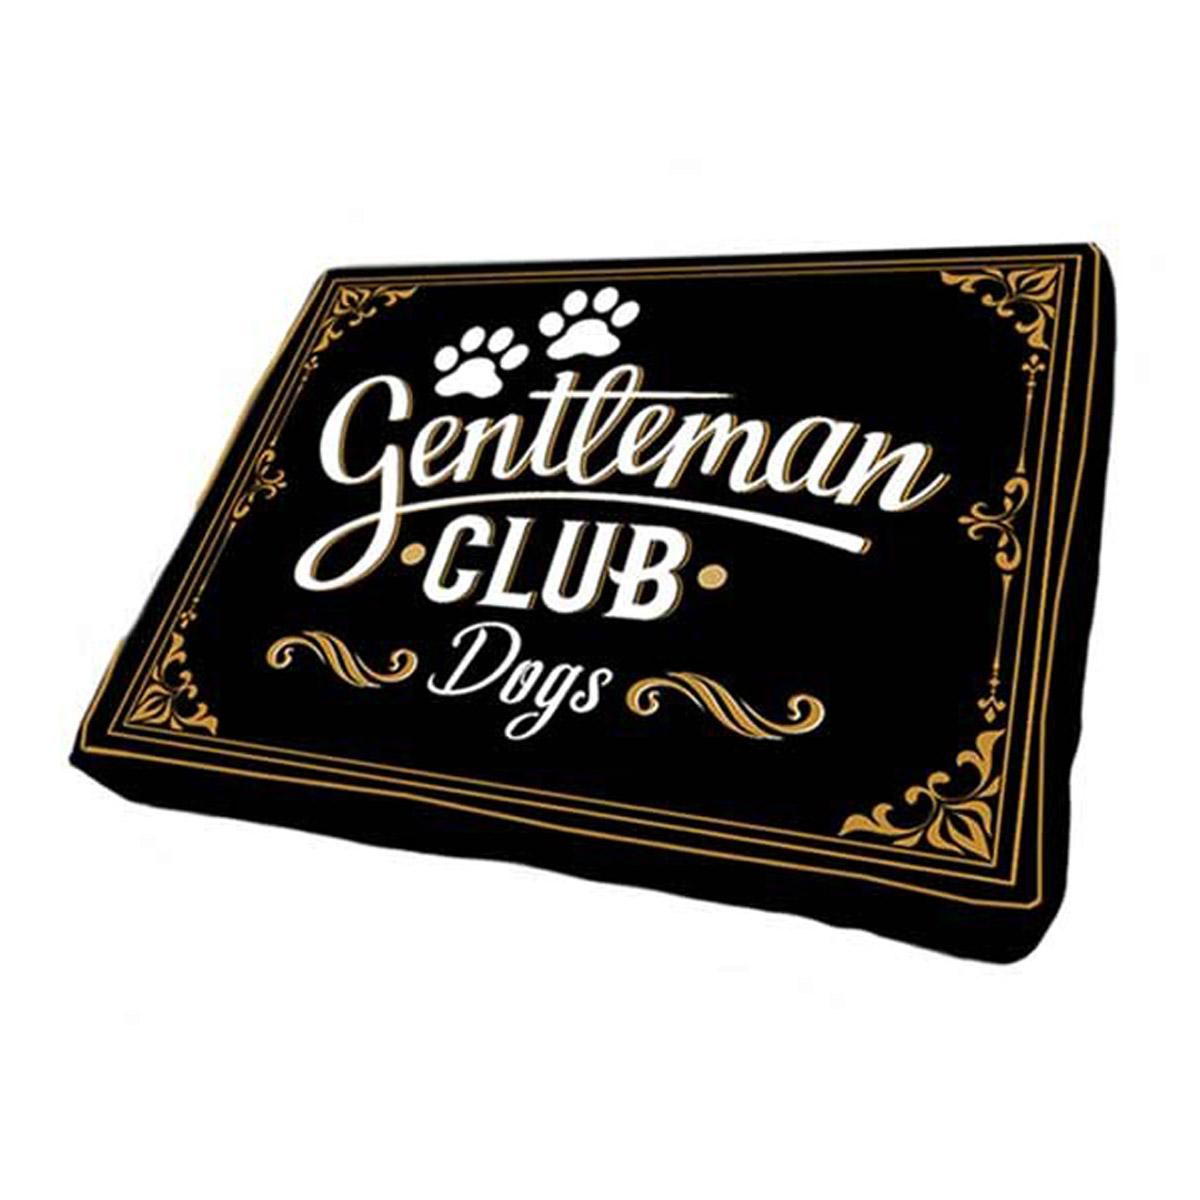 Coussin pour chien \'Gentleman Club - Dogs\' noir - 75x50x14 cm - [Q5139]